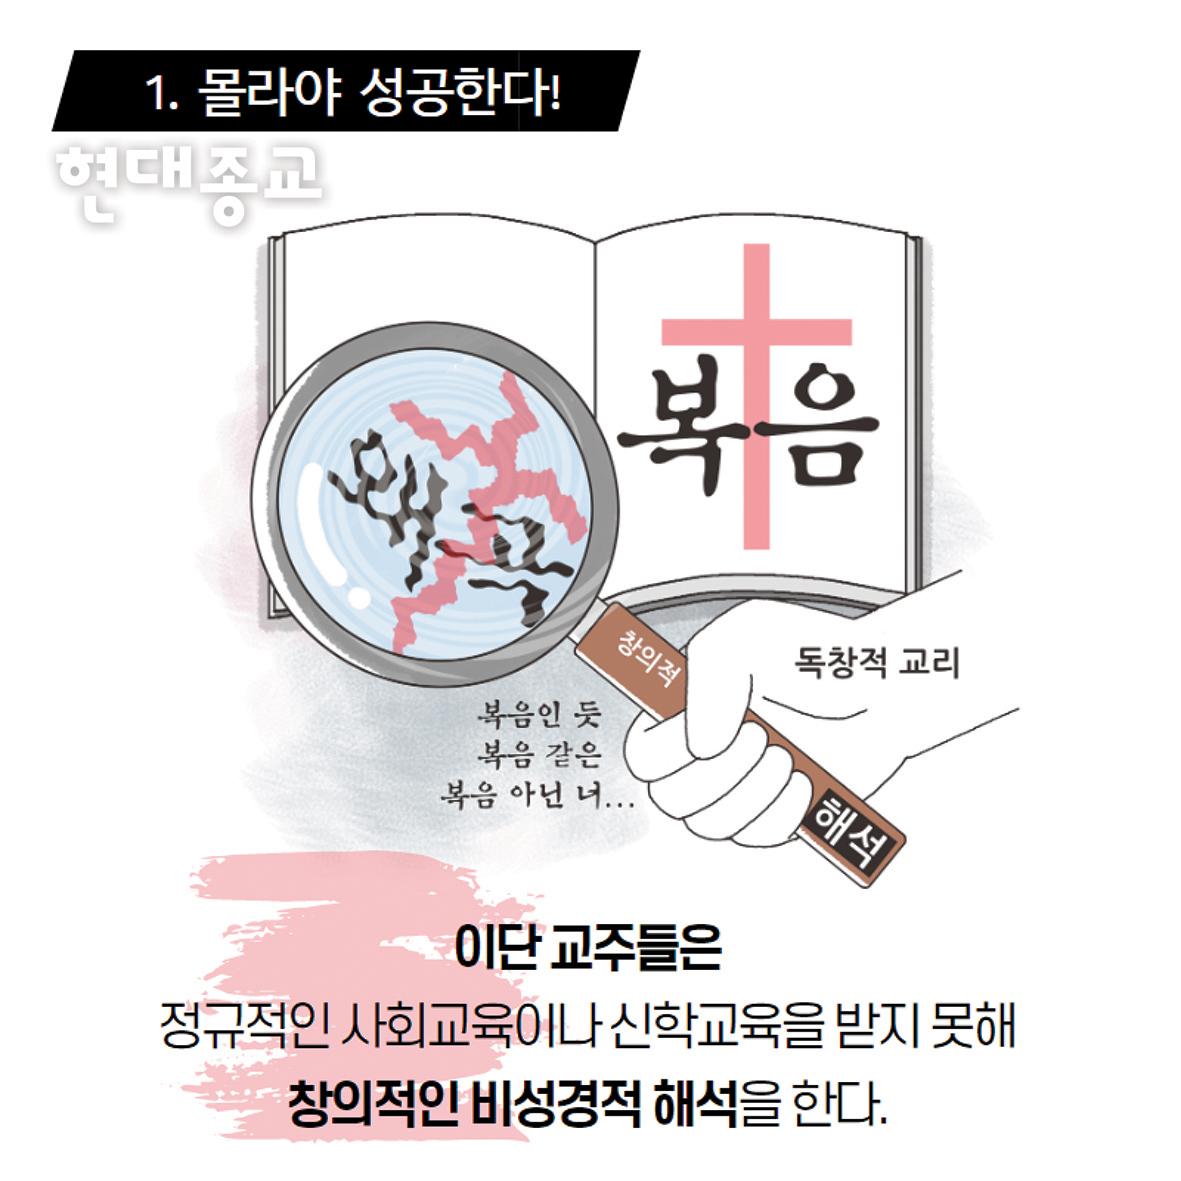 [카드뉴스] 성공하는 교주들의 7가지 습관!!